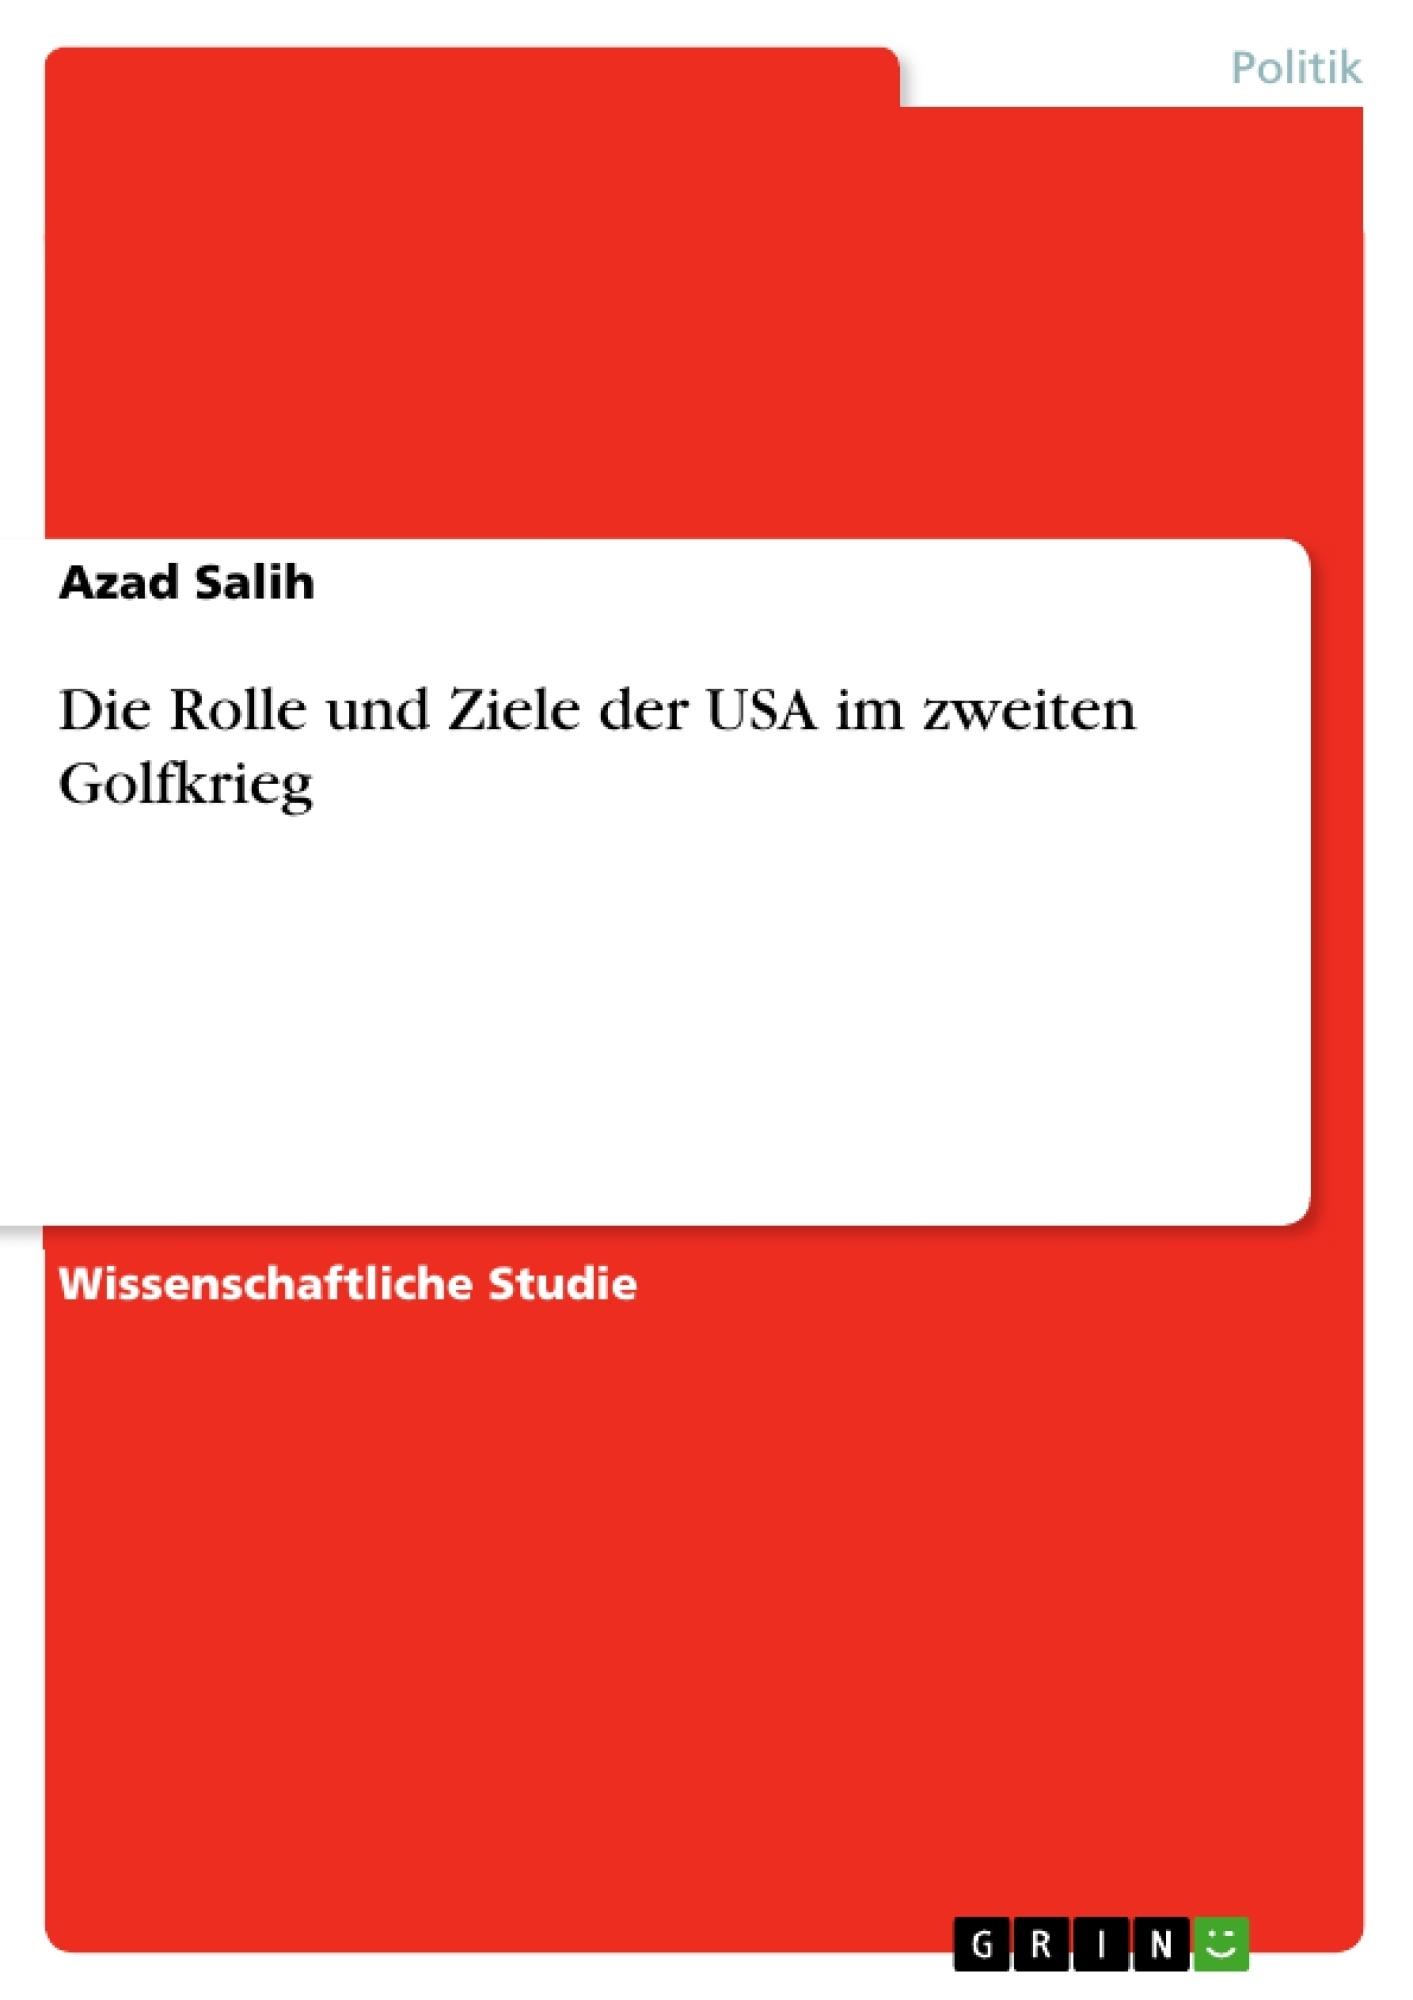 Titel: Die Rolle und Ziele der USA im zweiten Golfkrieg